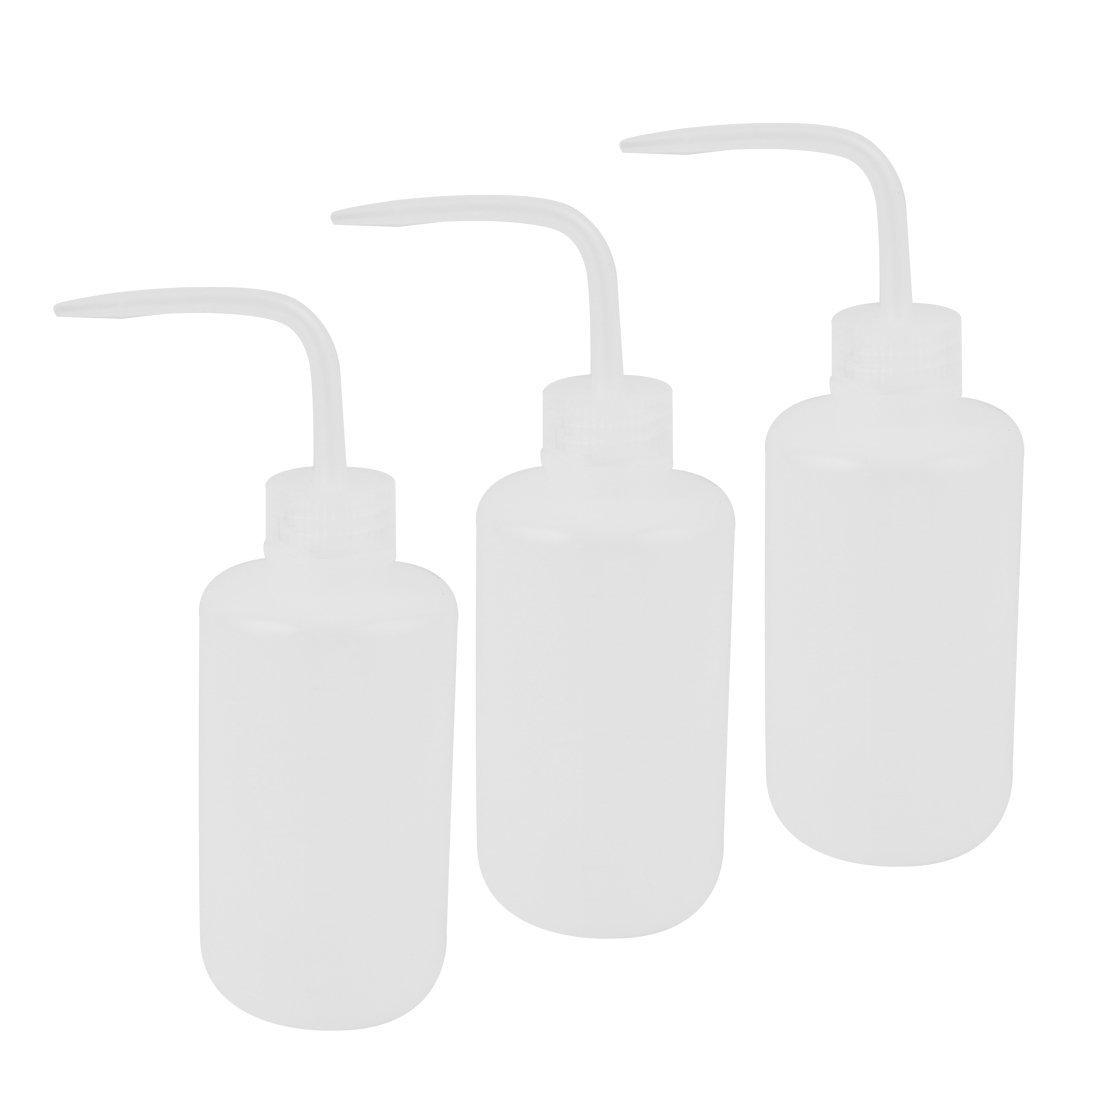 sourcingmap 3 Pcs 250mL Bent Tip White Plastic Oil Liquid Container Squeeze Bottle SYNCELEC001869